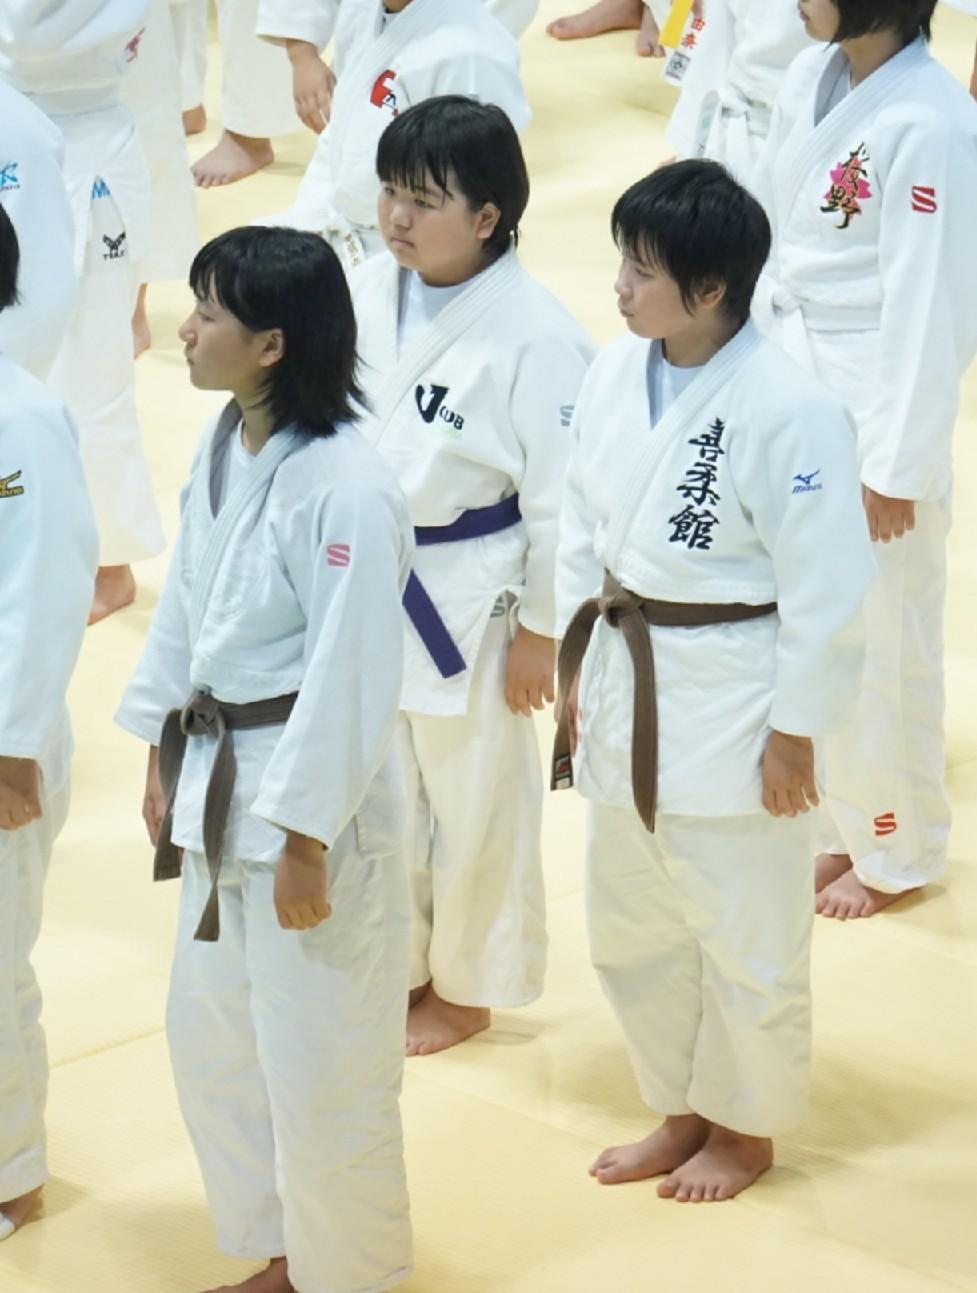 2019 福岡県少年柔道選手権大会_b0172494_19455347.jpg